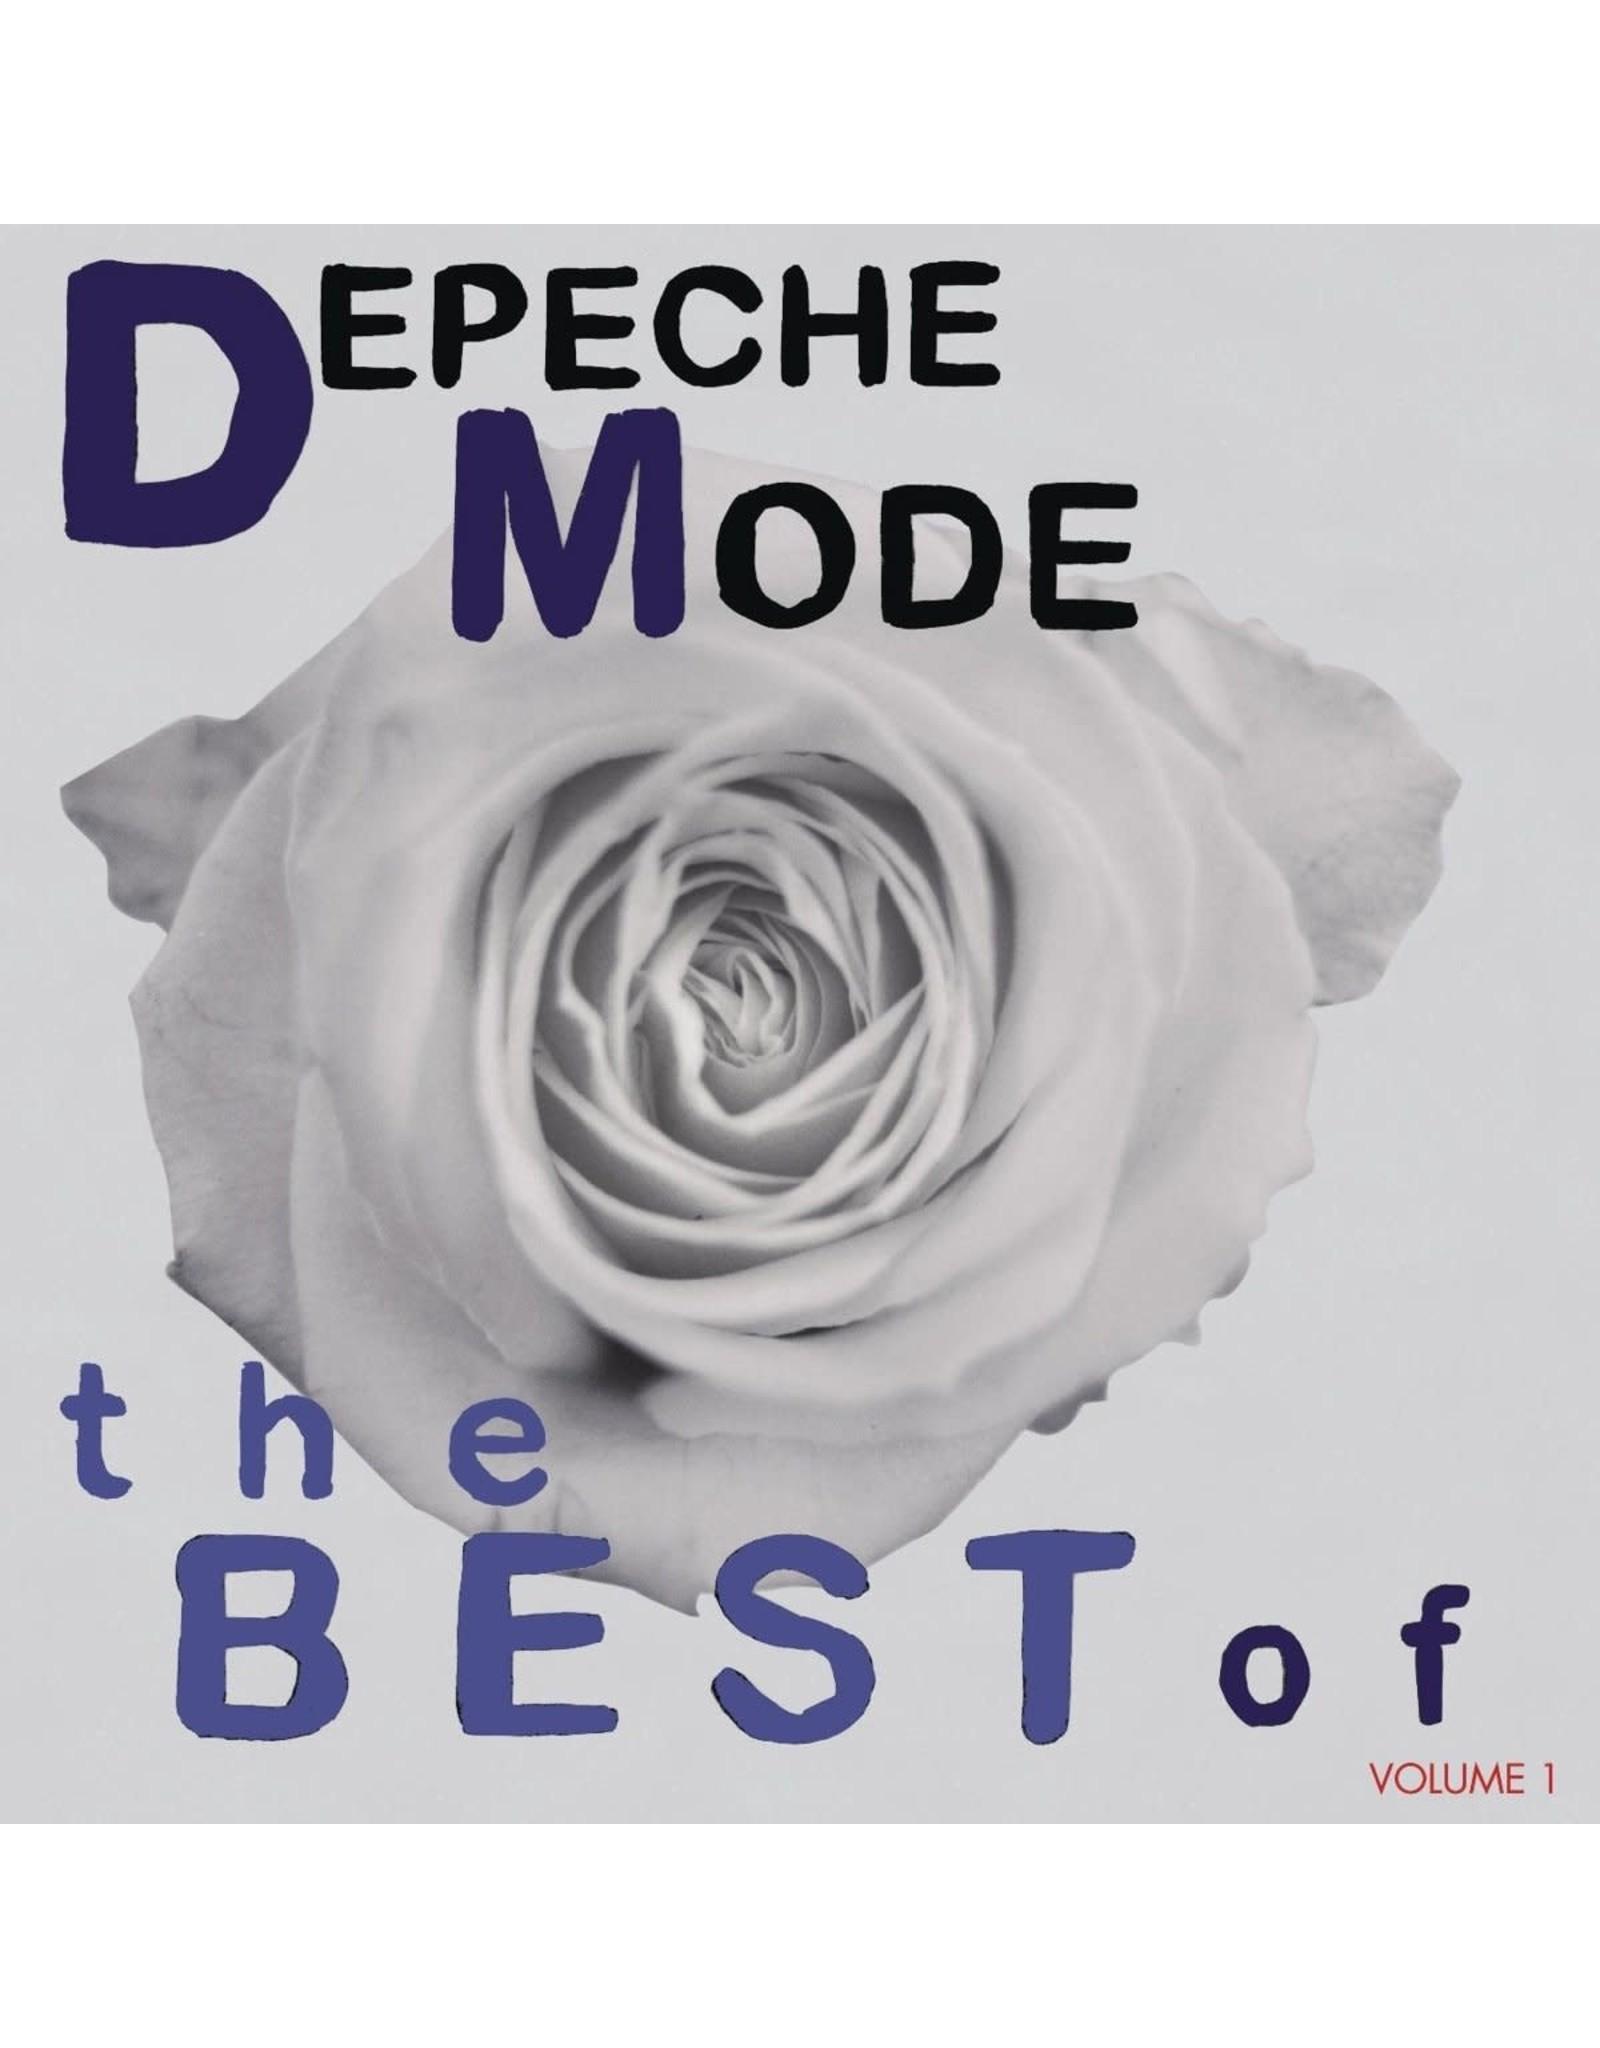 Depeche Mode - Best Of Depeche Mode (Volume 1)